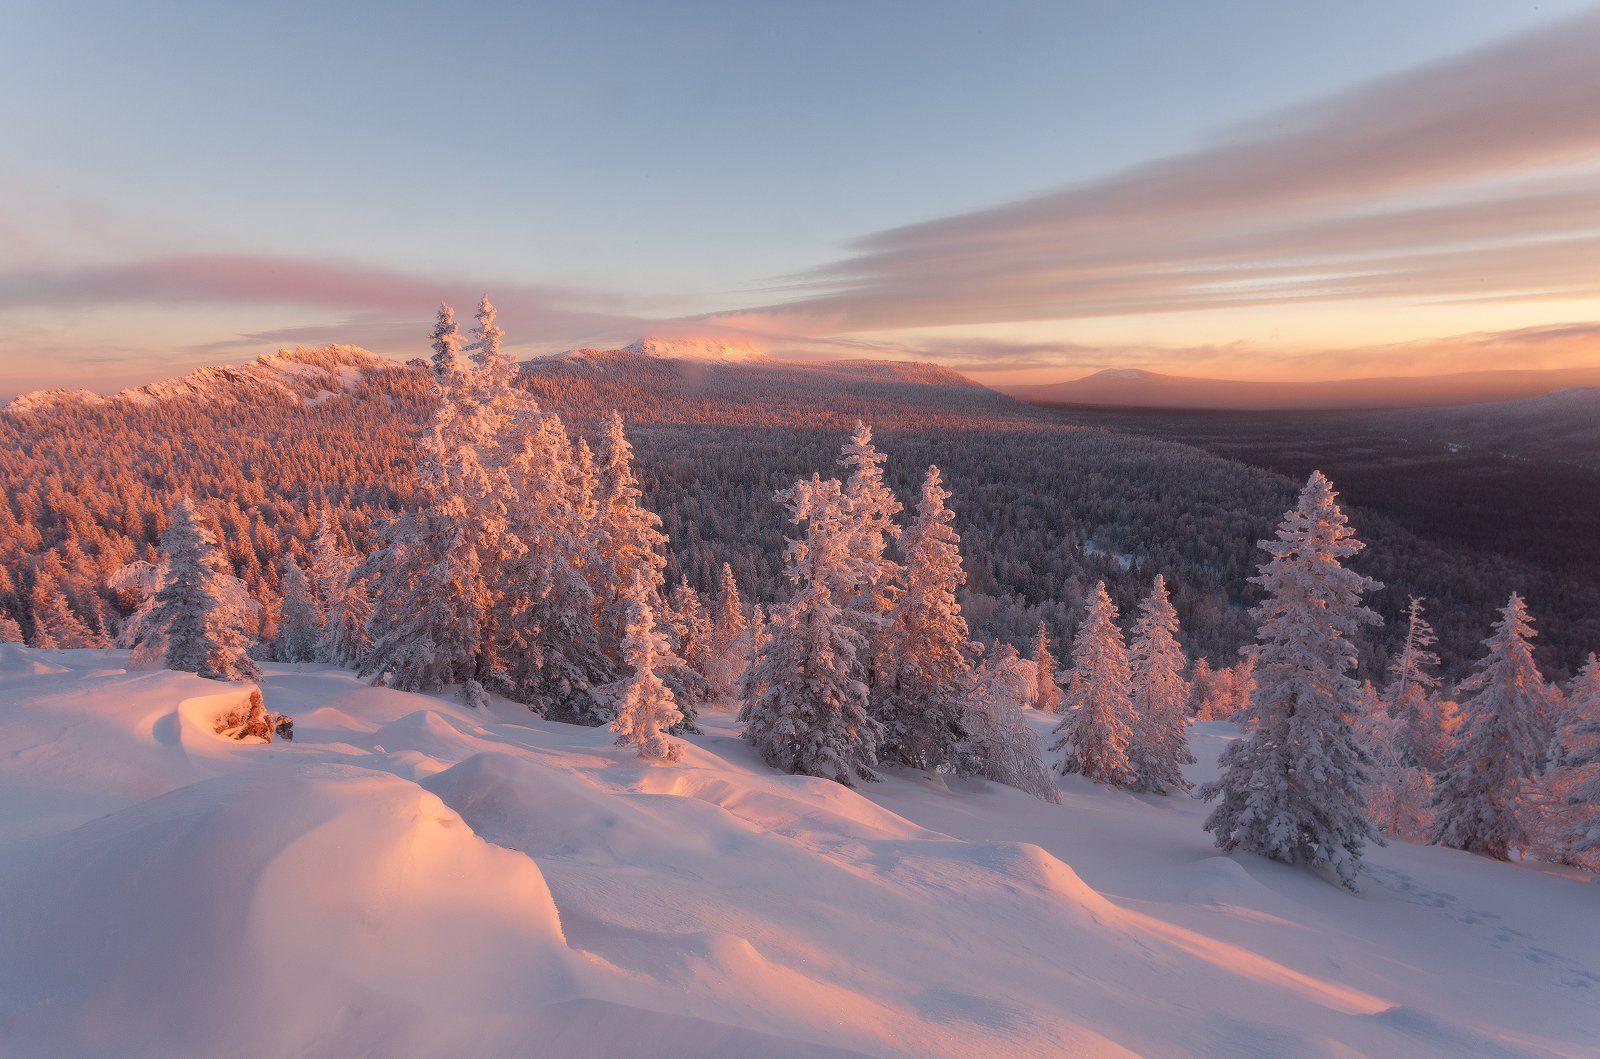 урал, зима, златоуст, таганай, рассвет, горы, t_berg, Михаил Трахтенберг ( t_berg )